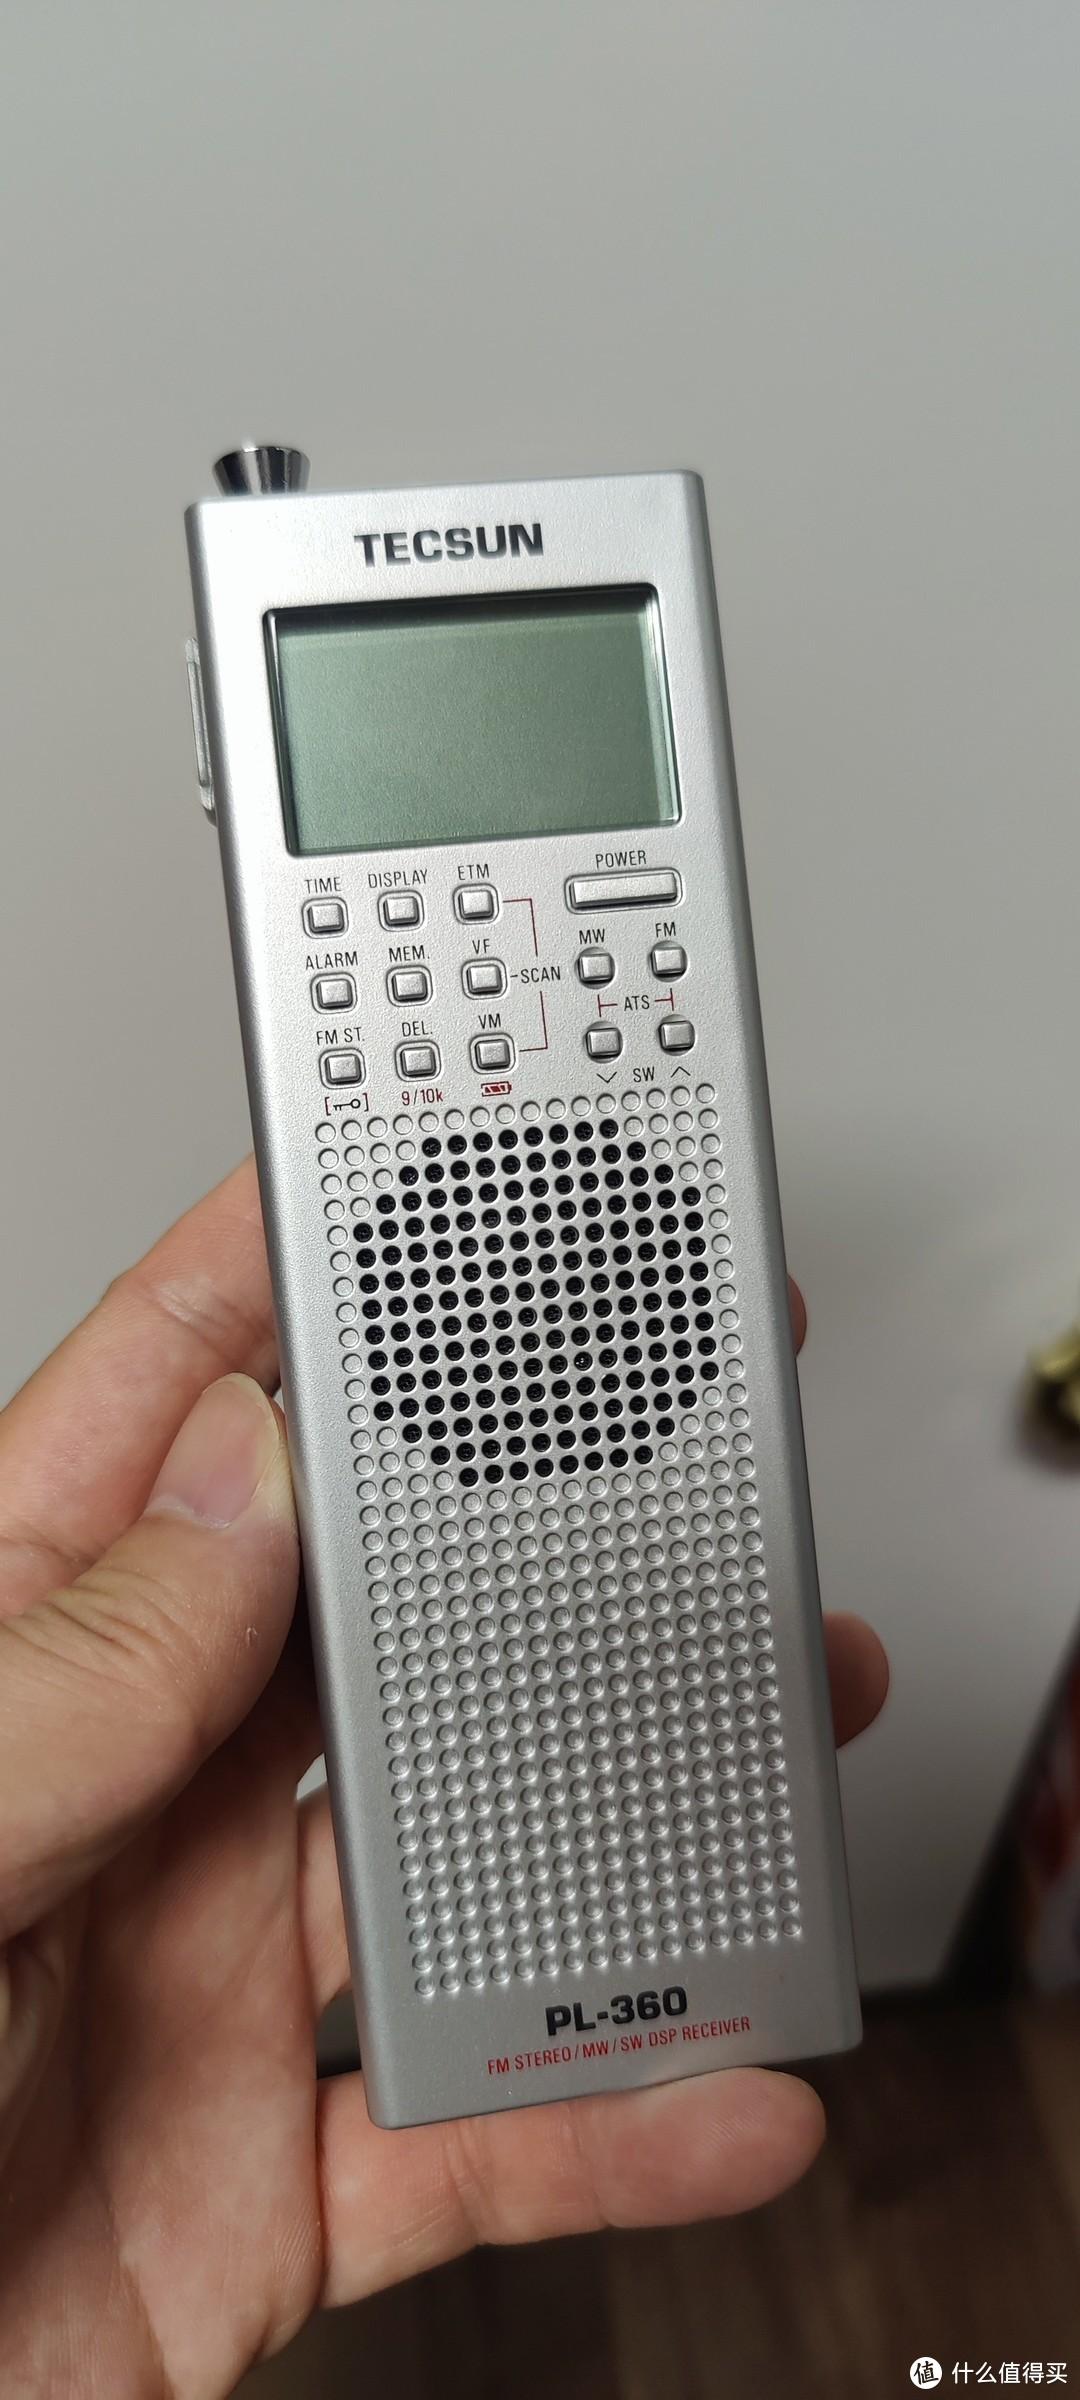 蓝牙、智能音箱之前的,有些年代的老物件